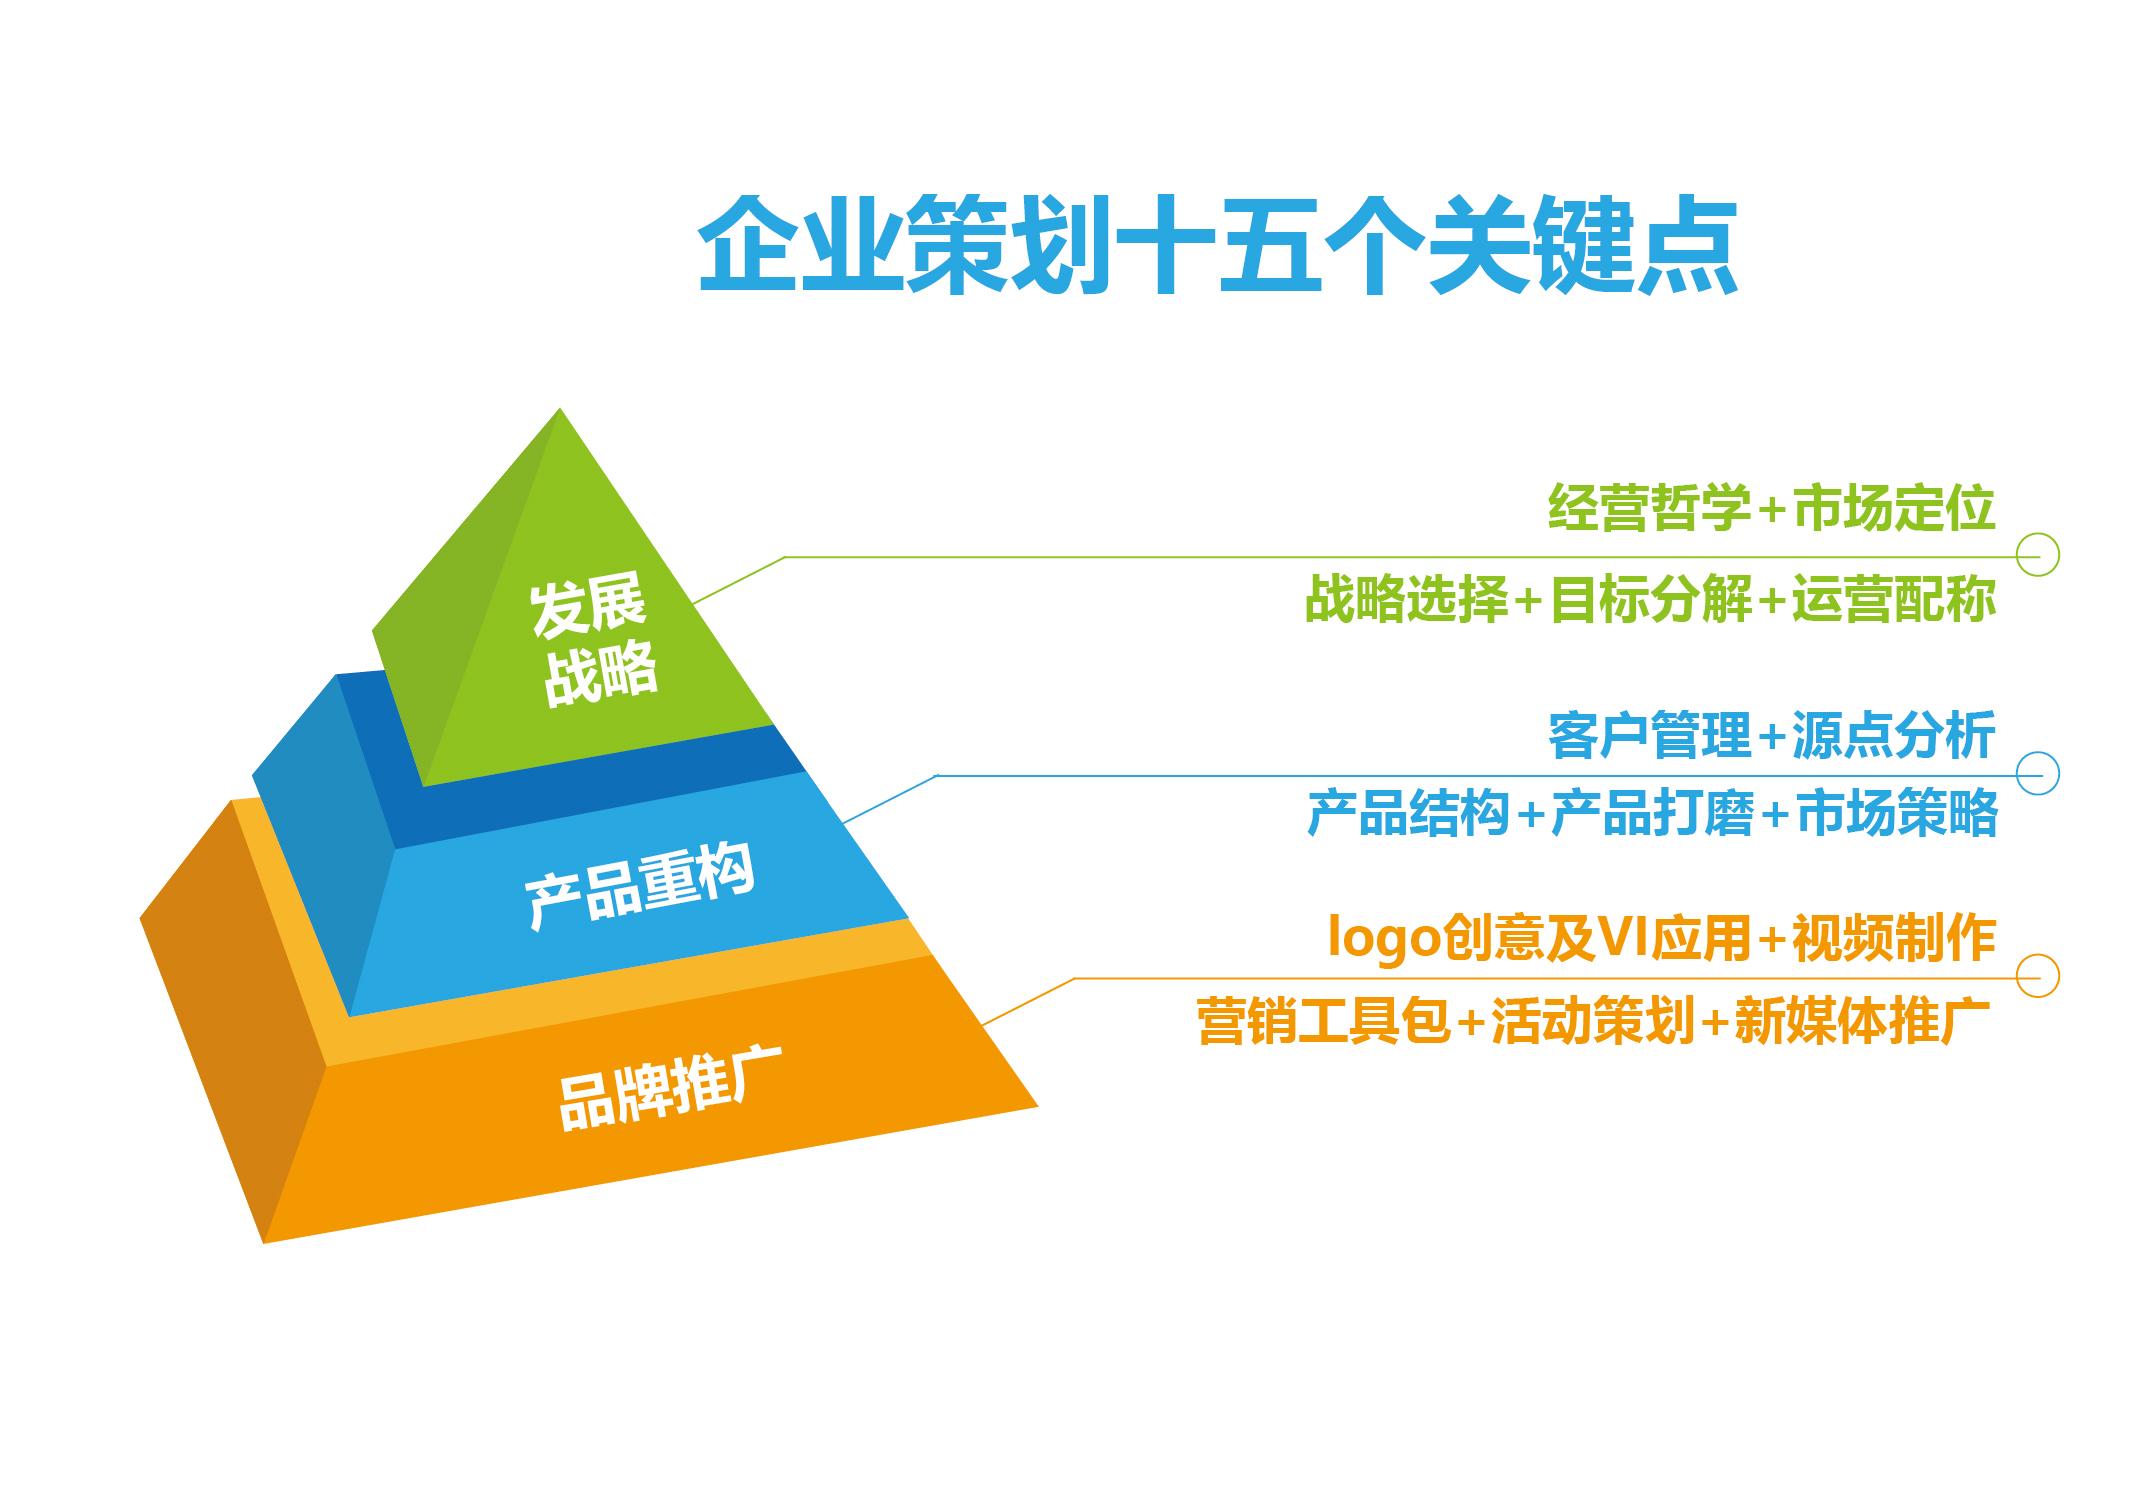 企业策划的三步节奏及十五个关键点